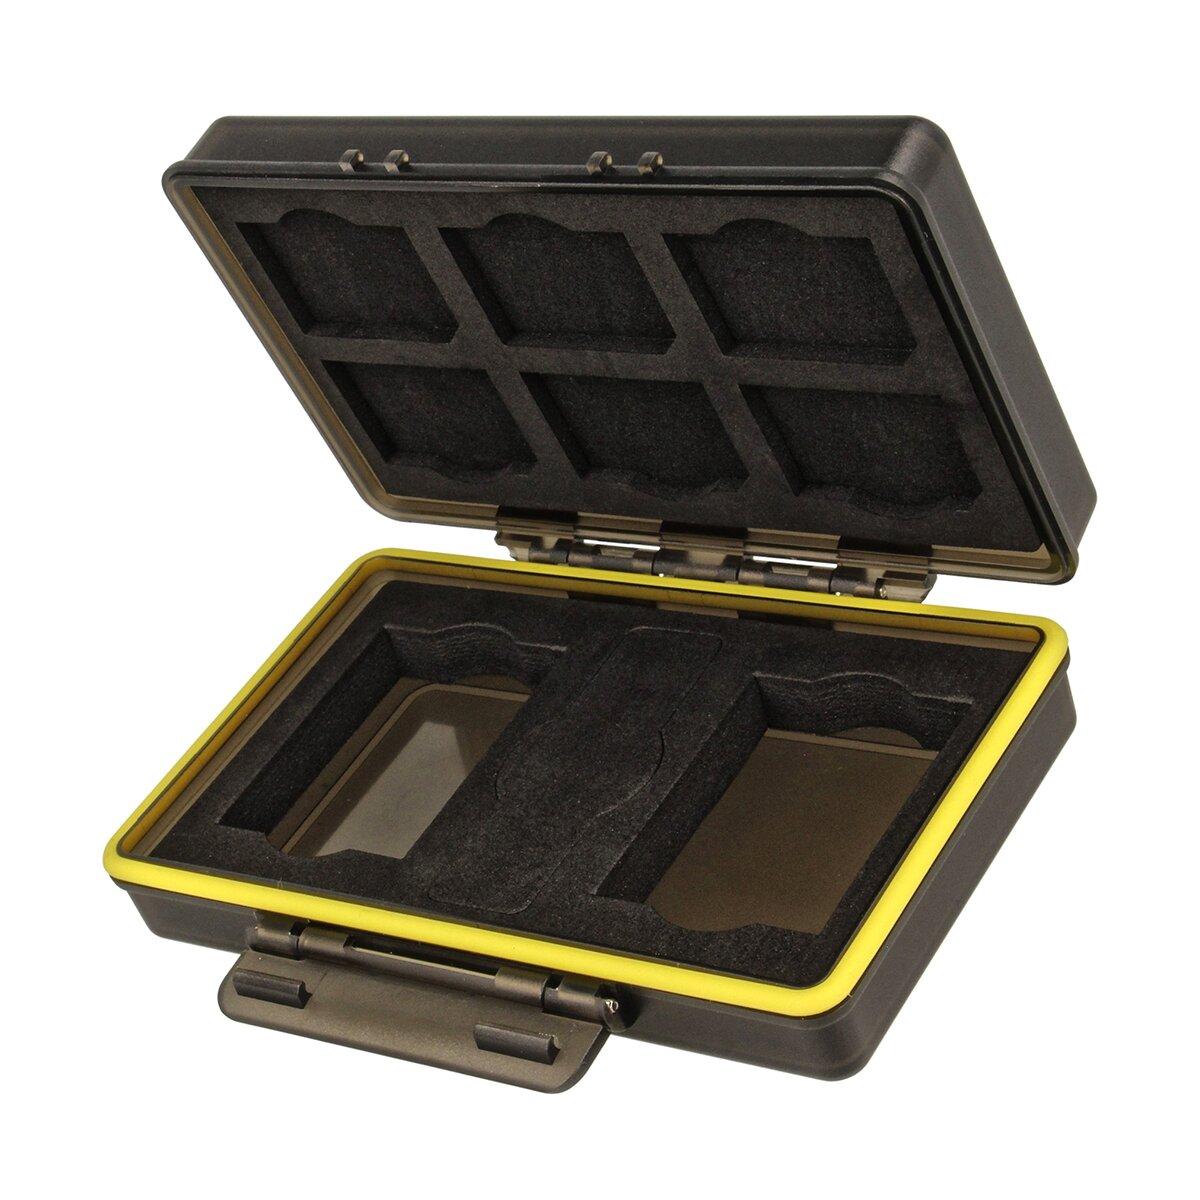 JJC BC-3NPW126 Kunststoffetui für 6 SD-Karten und 2 Kameraakkus der Größe 47 x 35 x 11 Milimeter, Stabil, Spritzwasserdicht, Stöße absorbierend